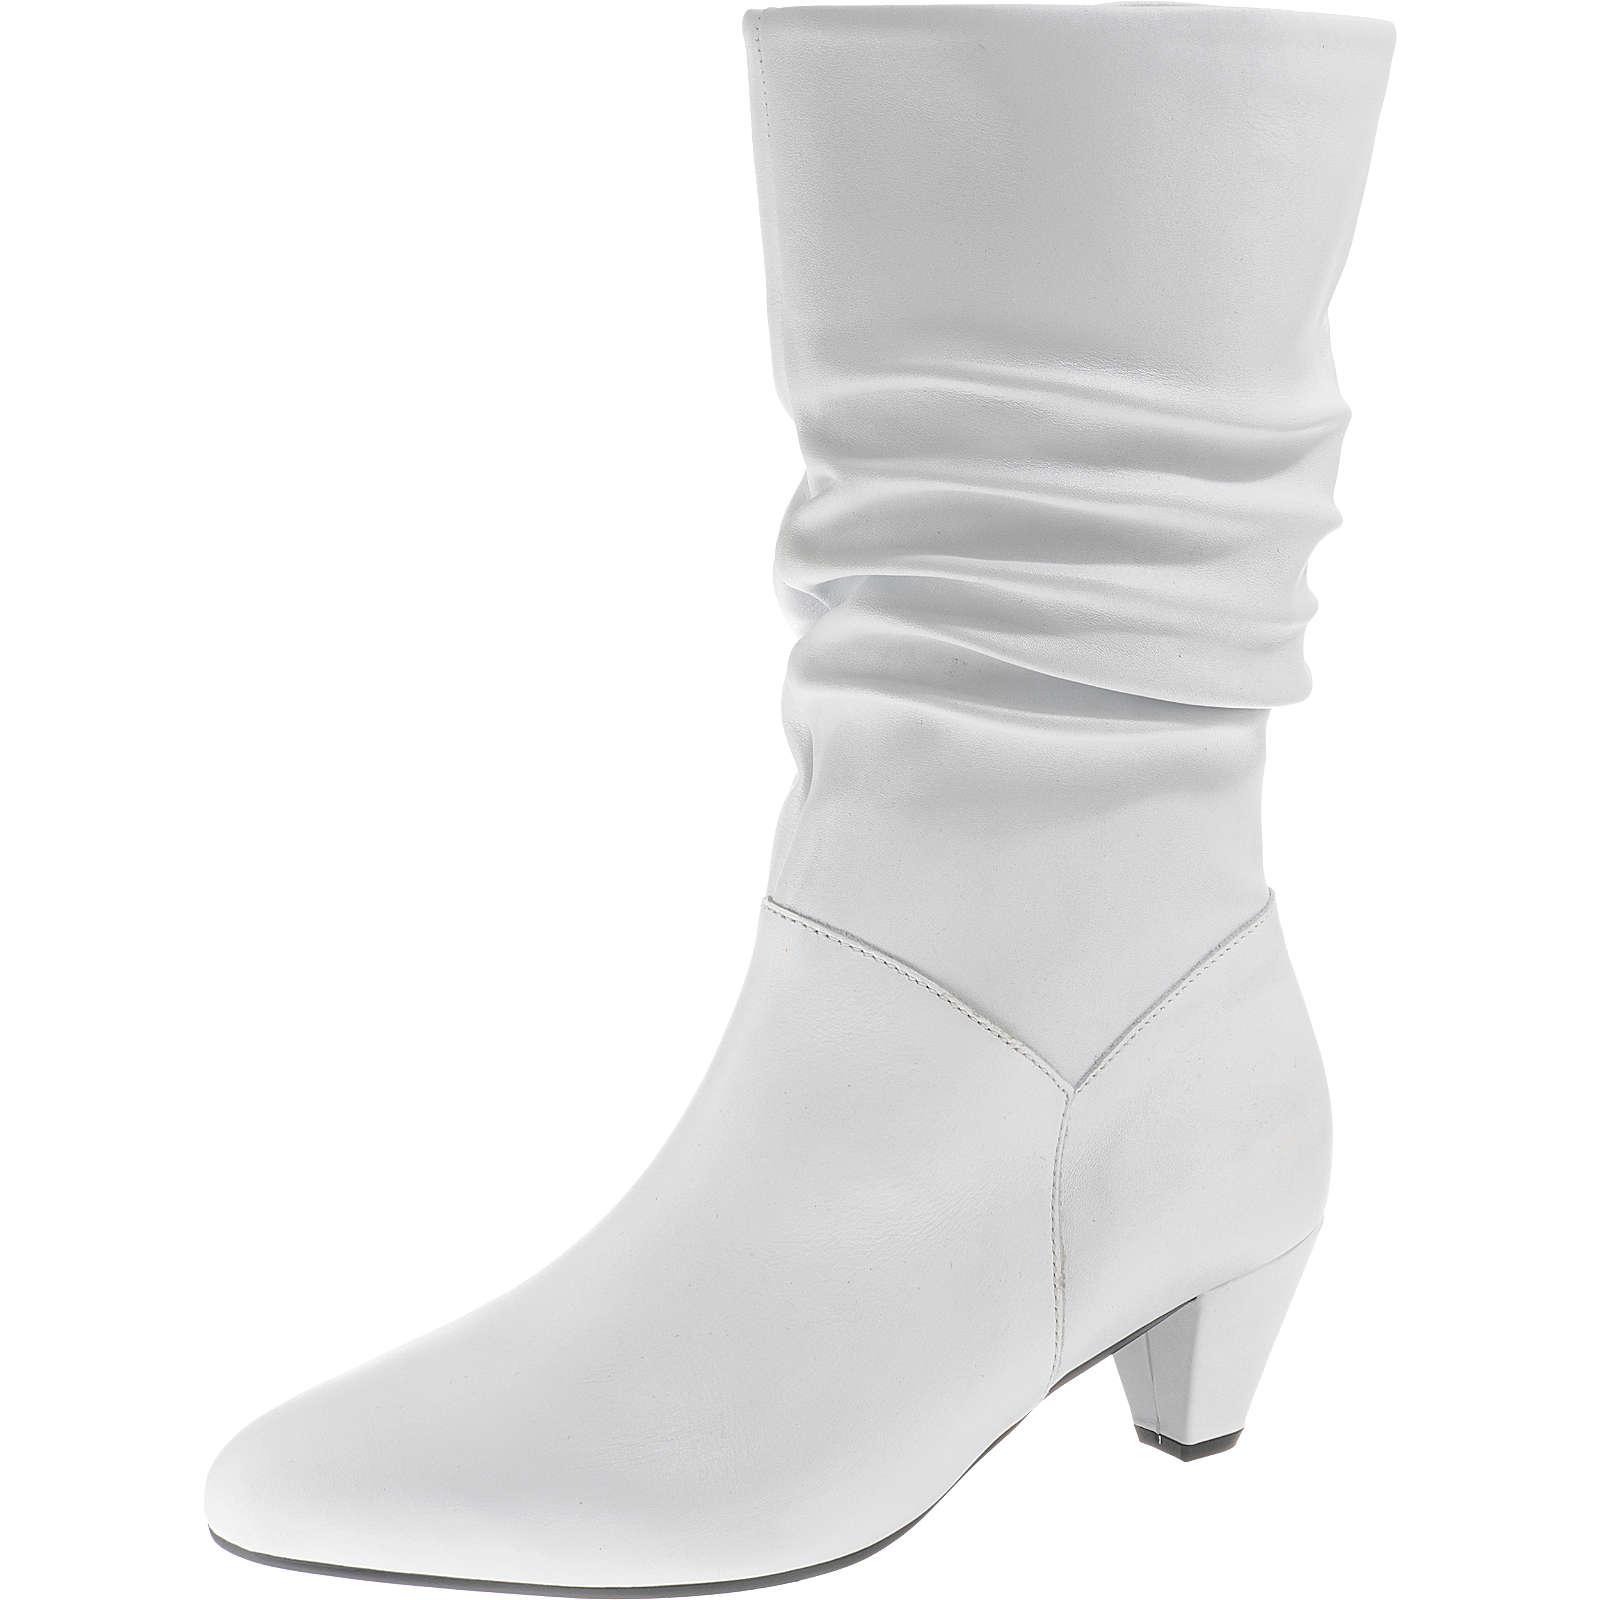 Gabor Klassische Stiefel weiß Damen Gr. 37